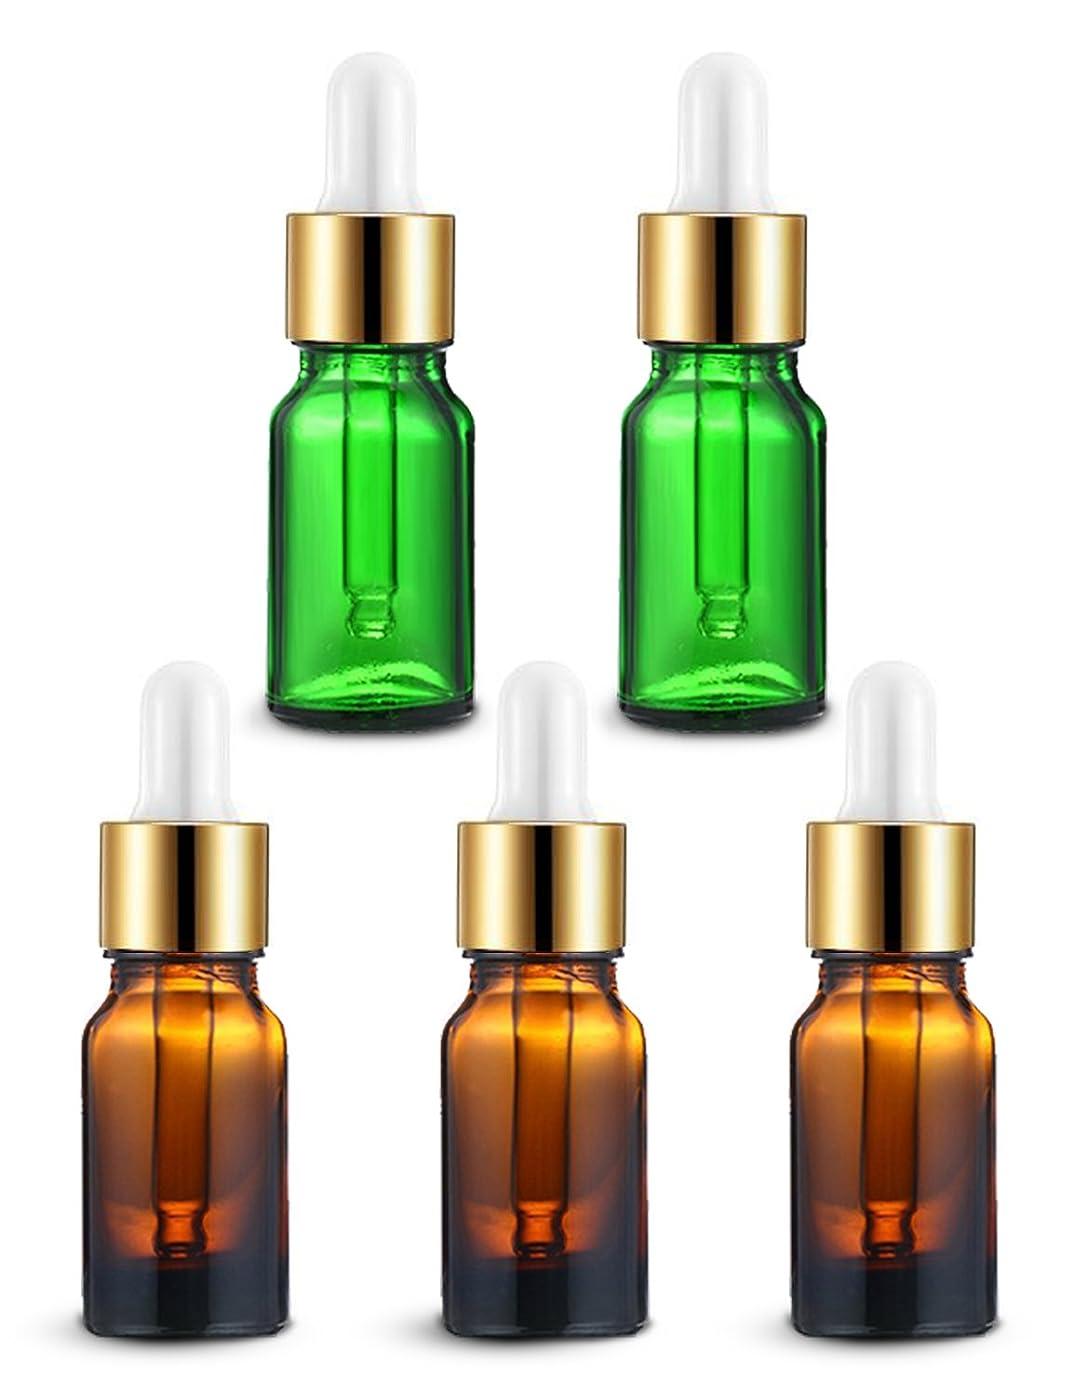 食器棚に応じてはがきENERG アロマディフューザー(全機種適応) ネブライザー式 スポイト付き精油瓶 緑2個?ブラウン3個 アロマ瓶 10ml 5個セット